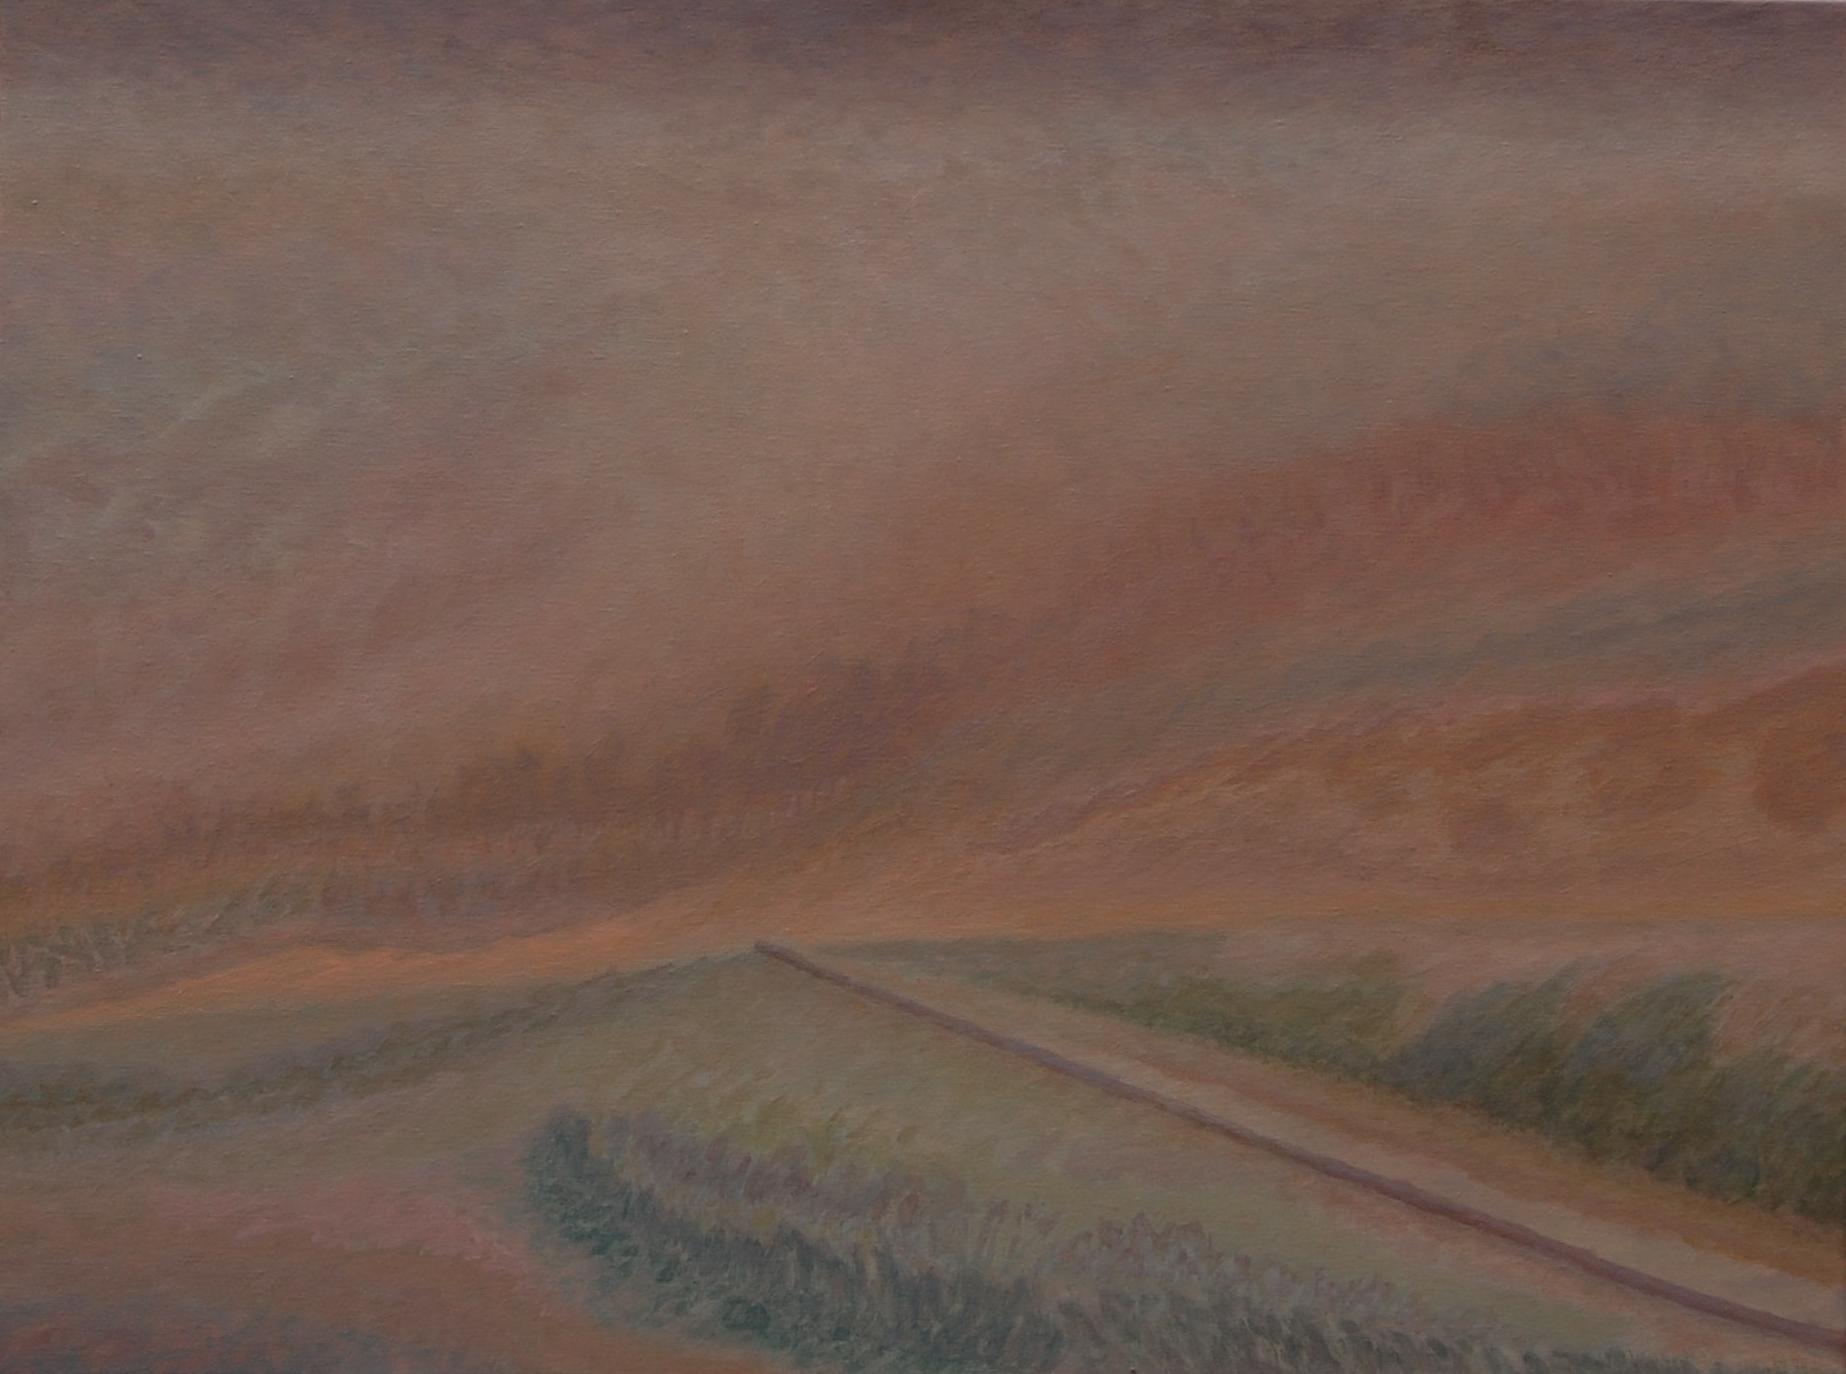 16 (akril, olaj, vászon, 80x60 cm), 2016